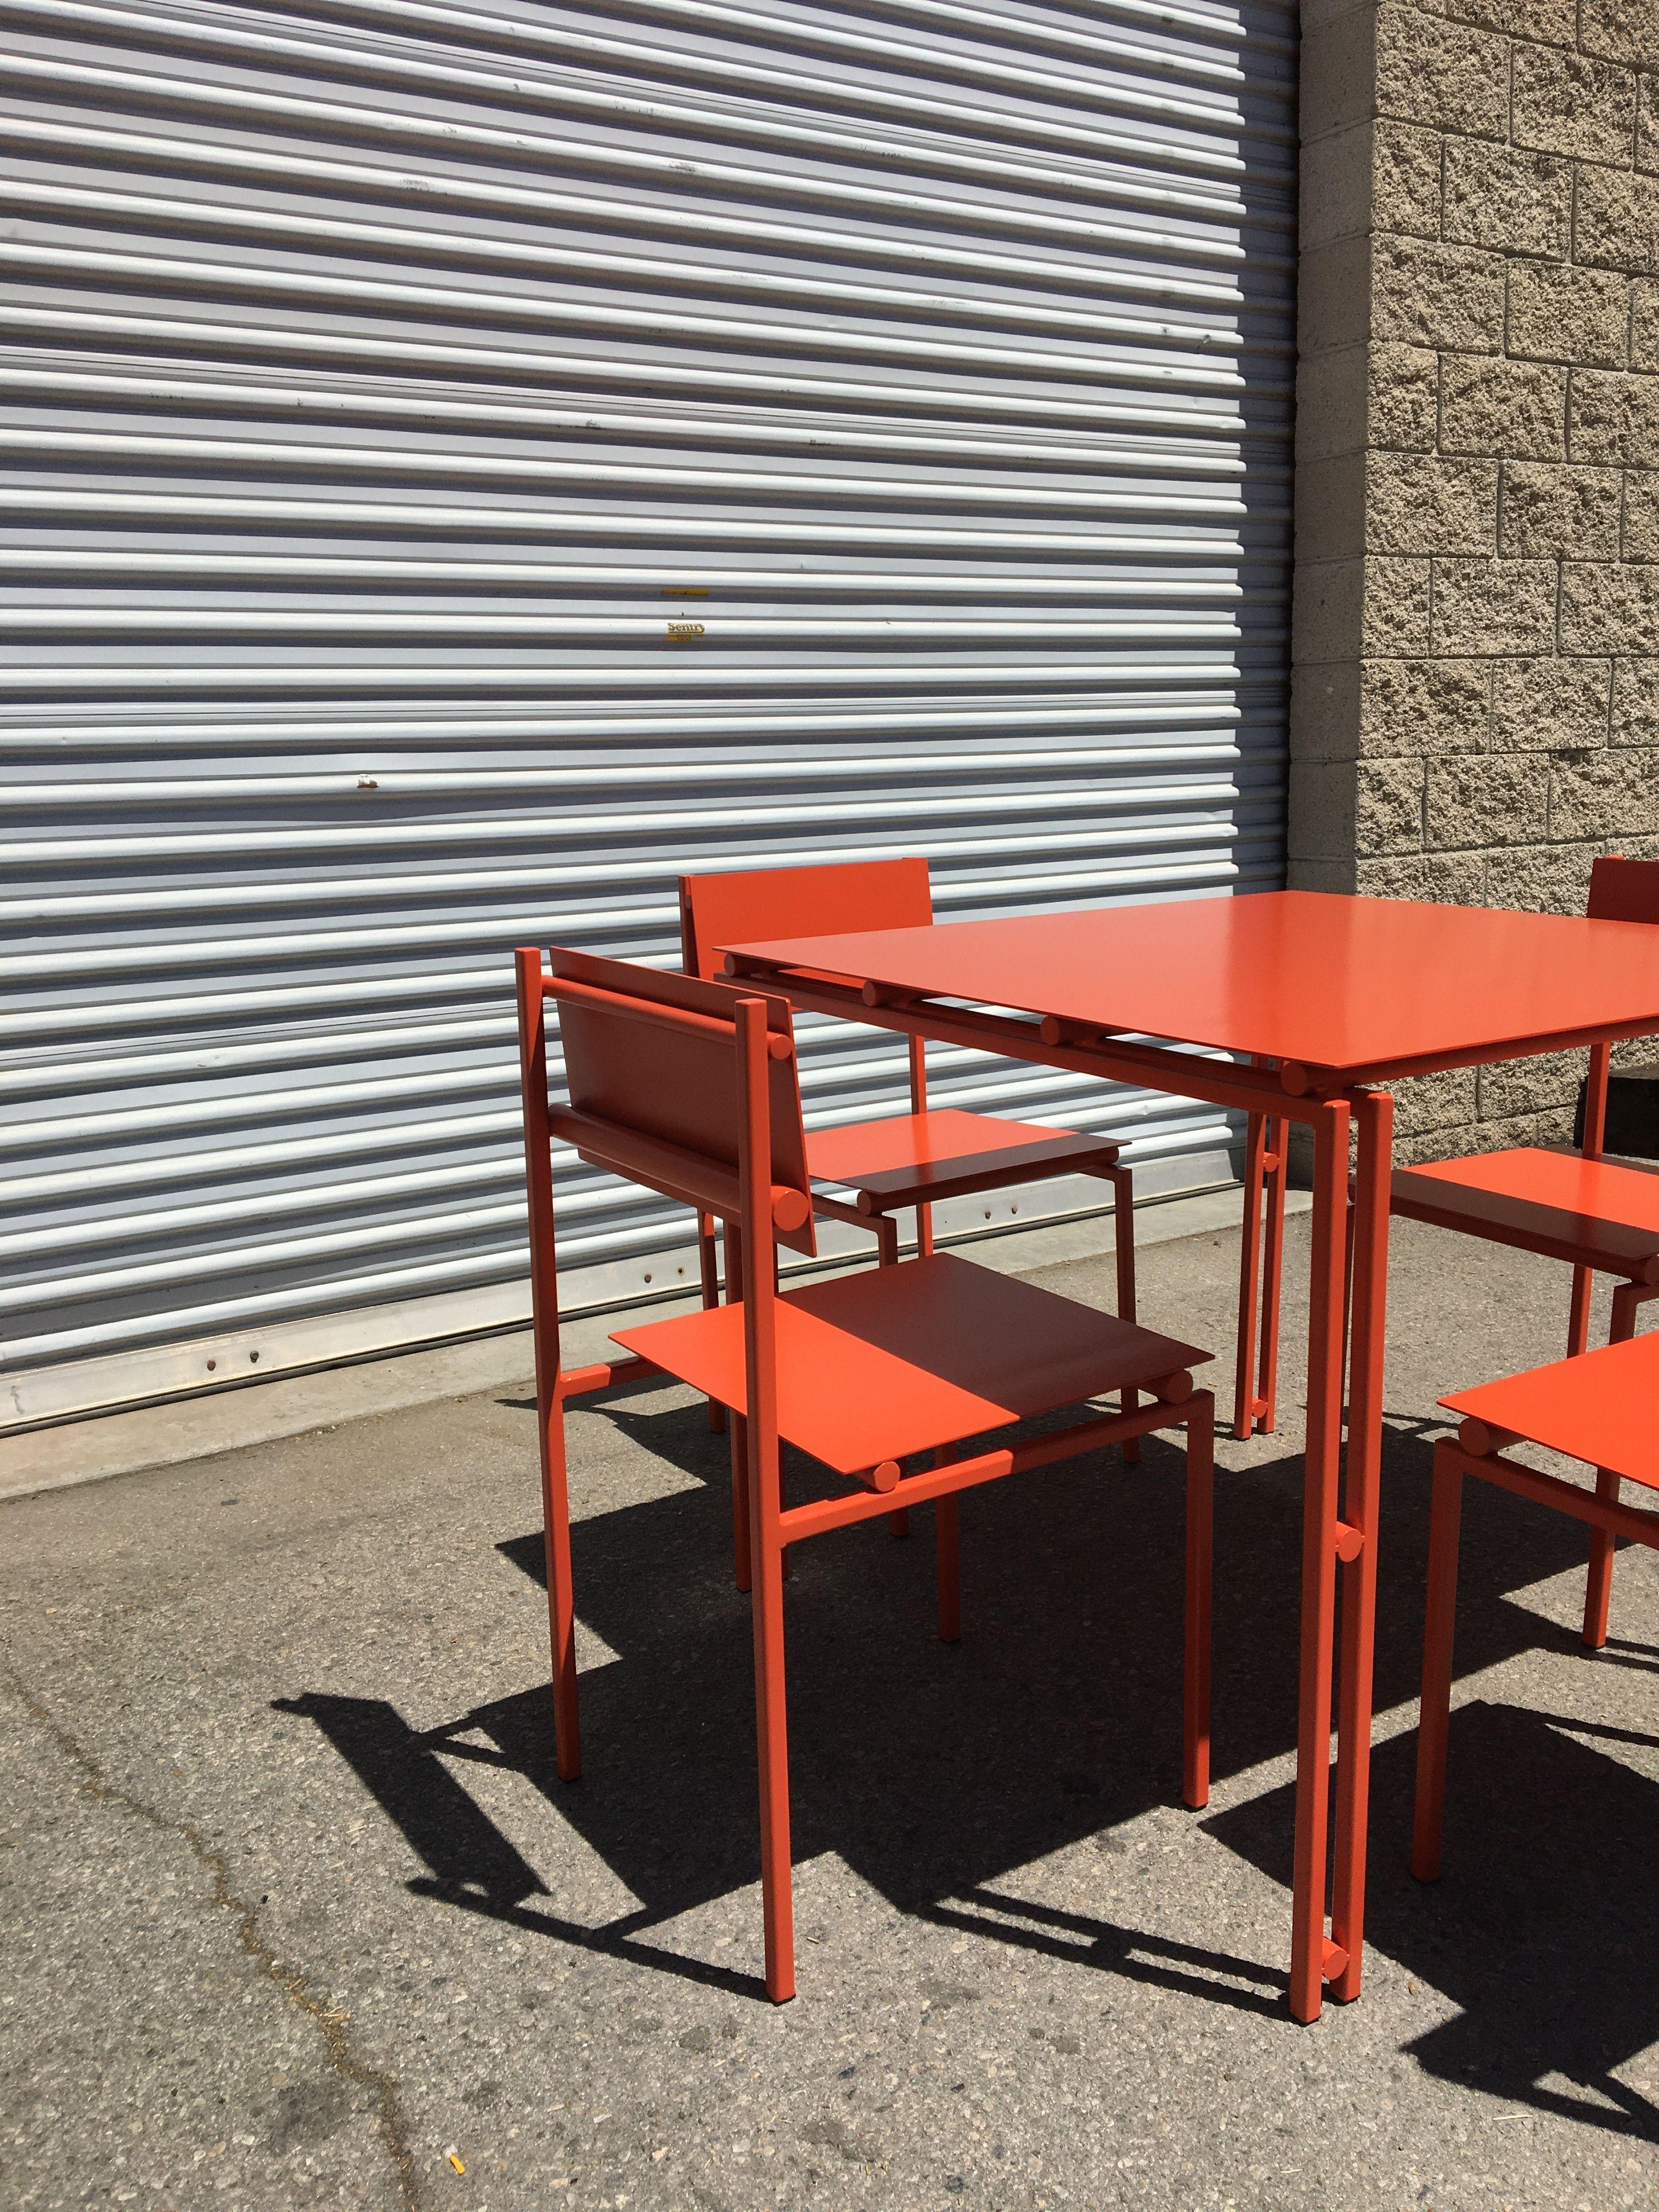 Suspension Metal Set - SIZED LA product image 2